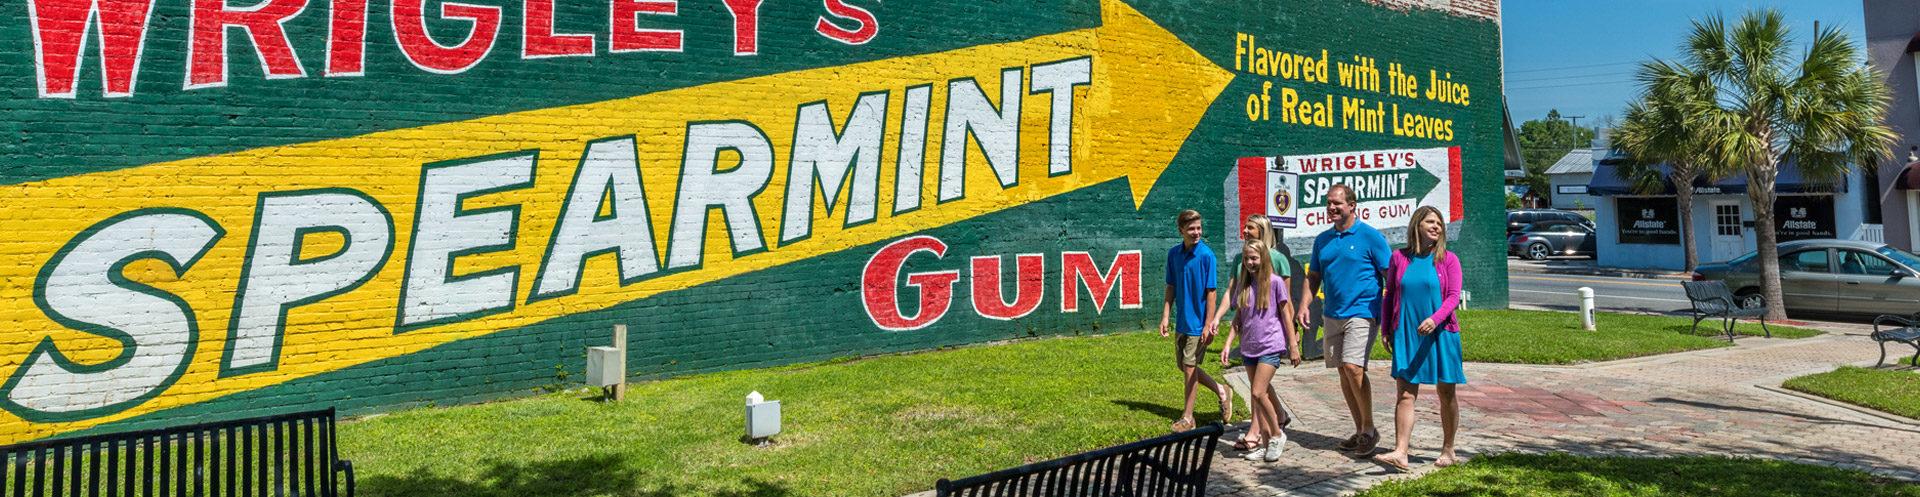 family walking by wrigleys spearmint gum mural in suwannee